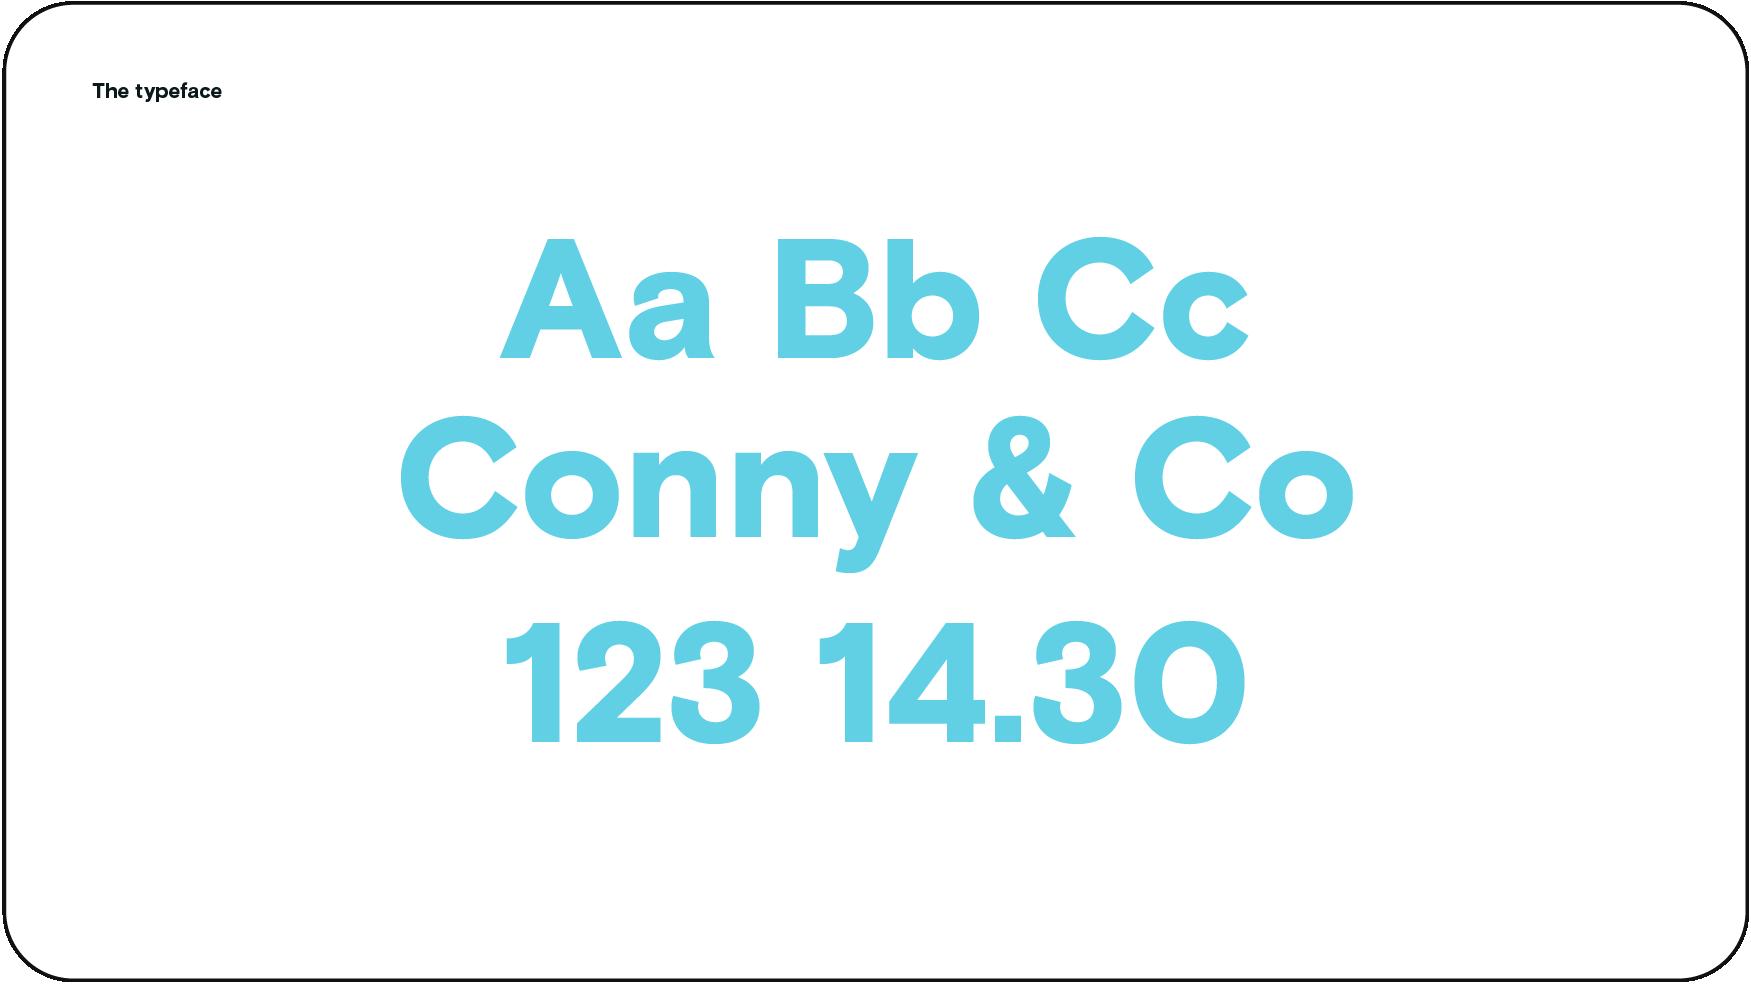 Conny_Co_B2